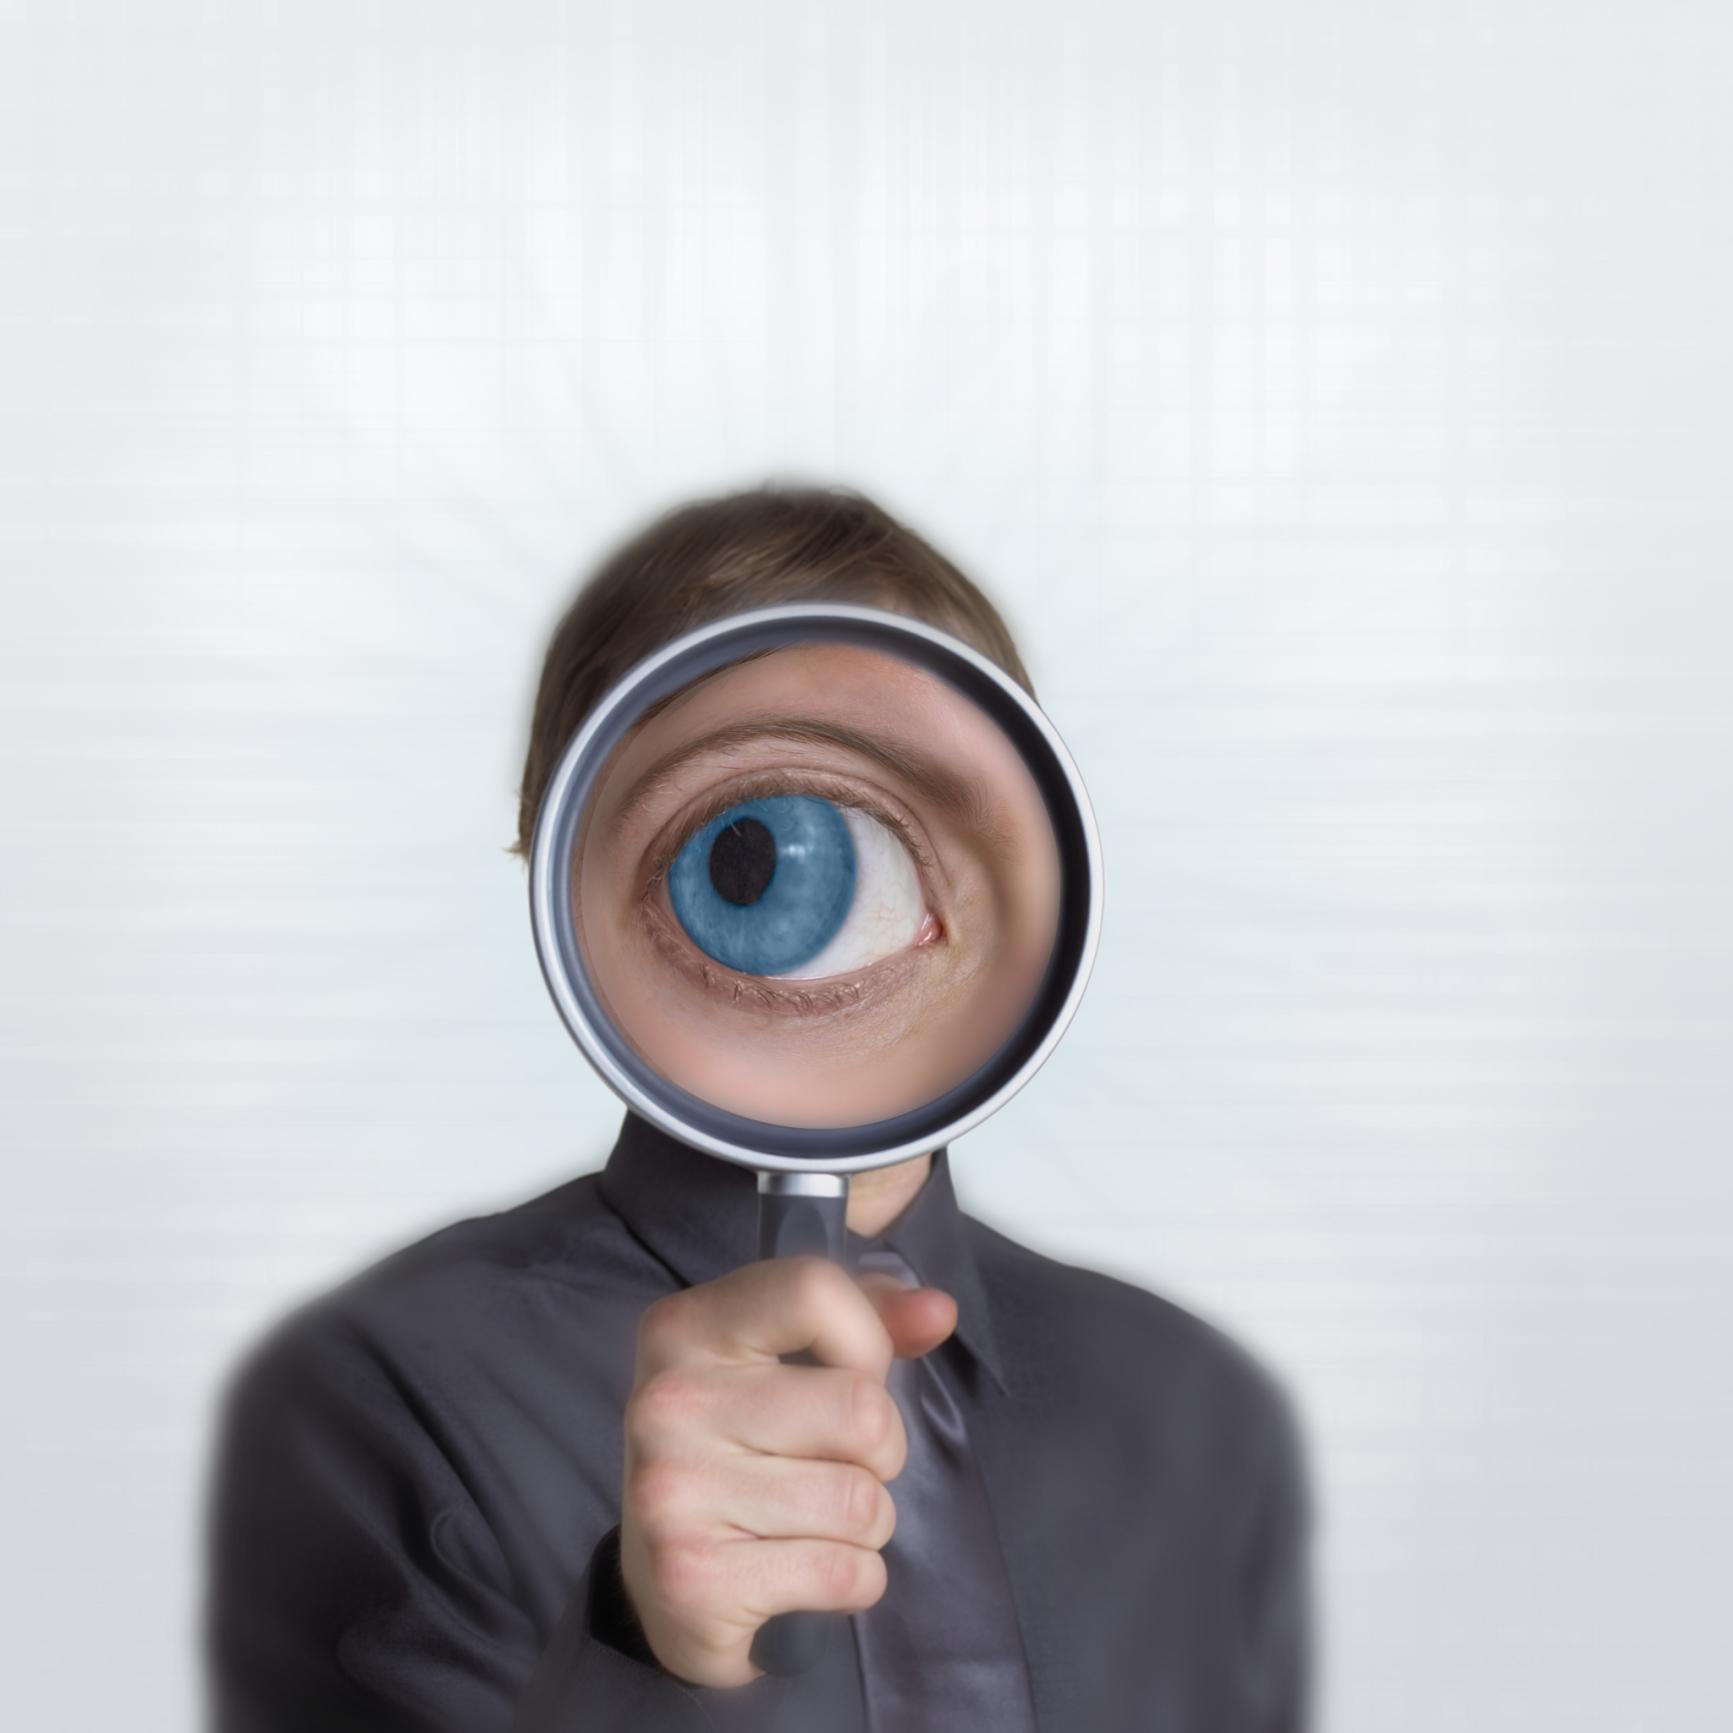 חקירות פרטיות בתחום הפלילי